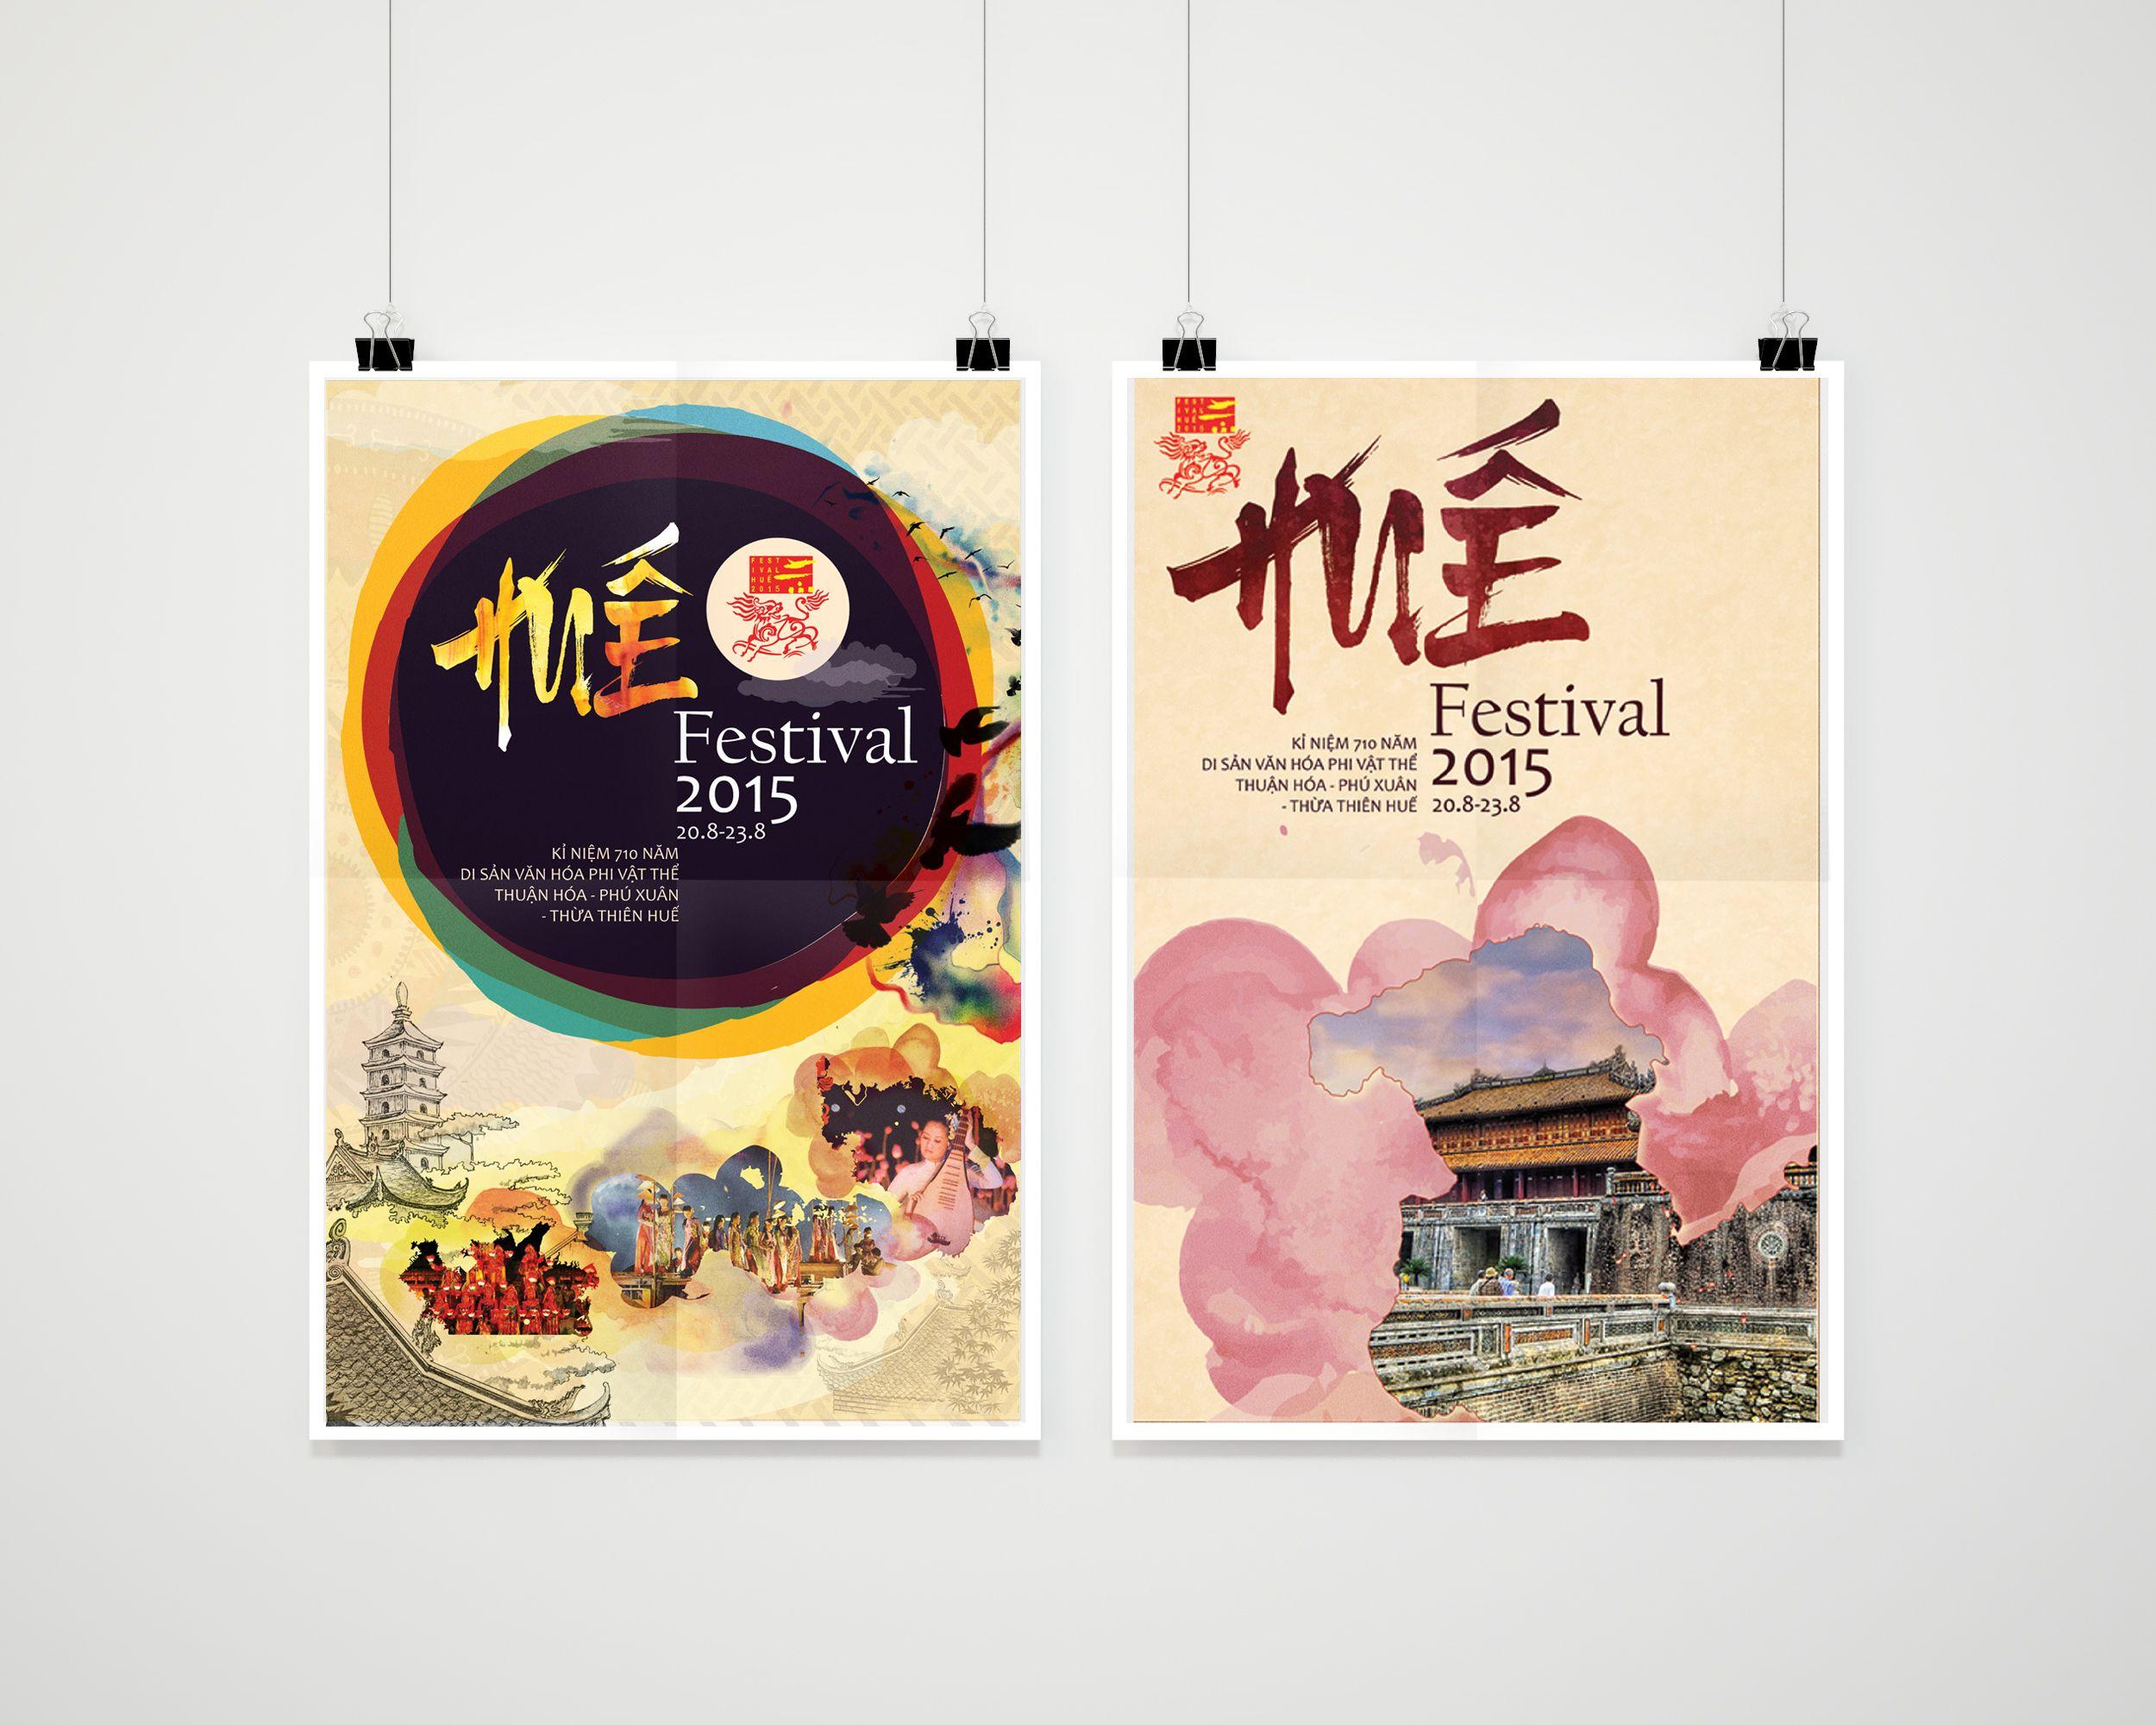 Poster sự kiện văn hóa | Posters, Hình minh họa, Hoa